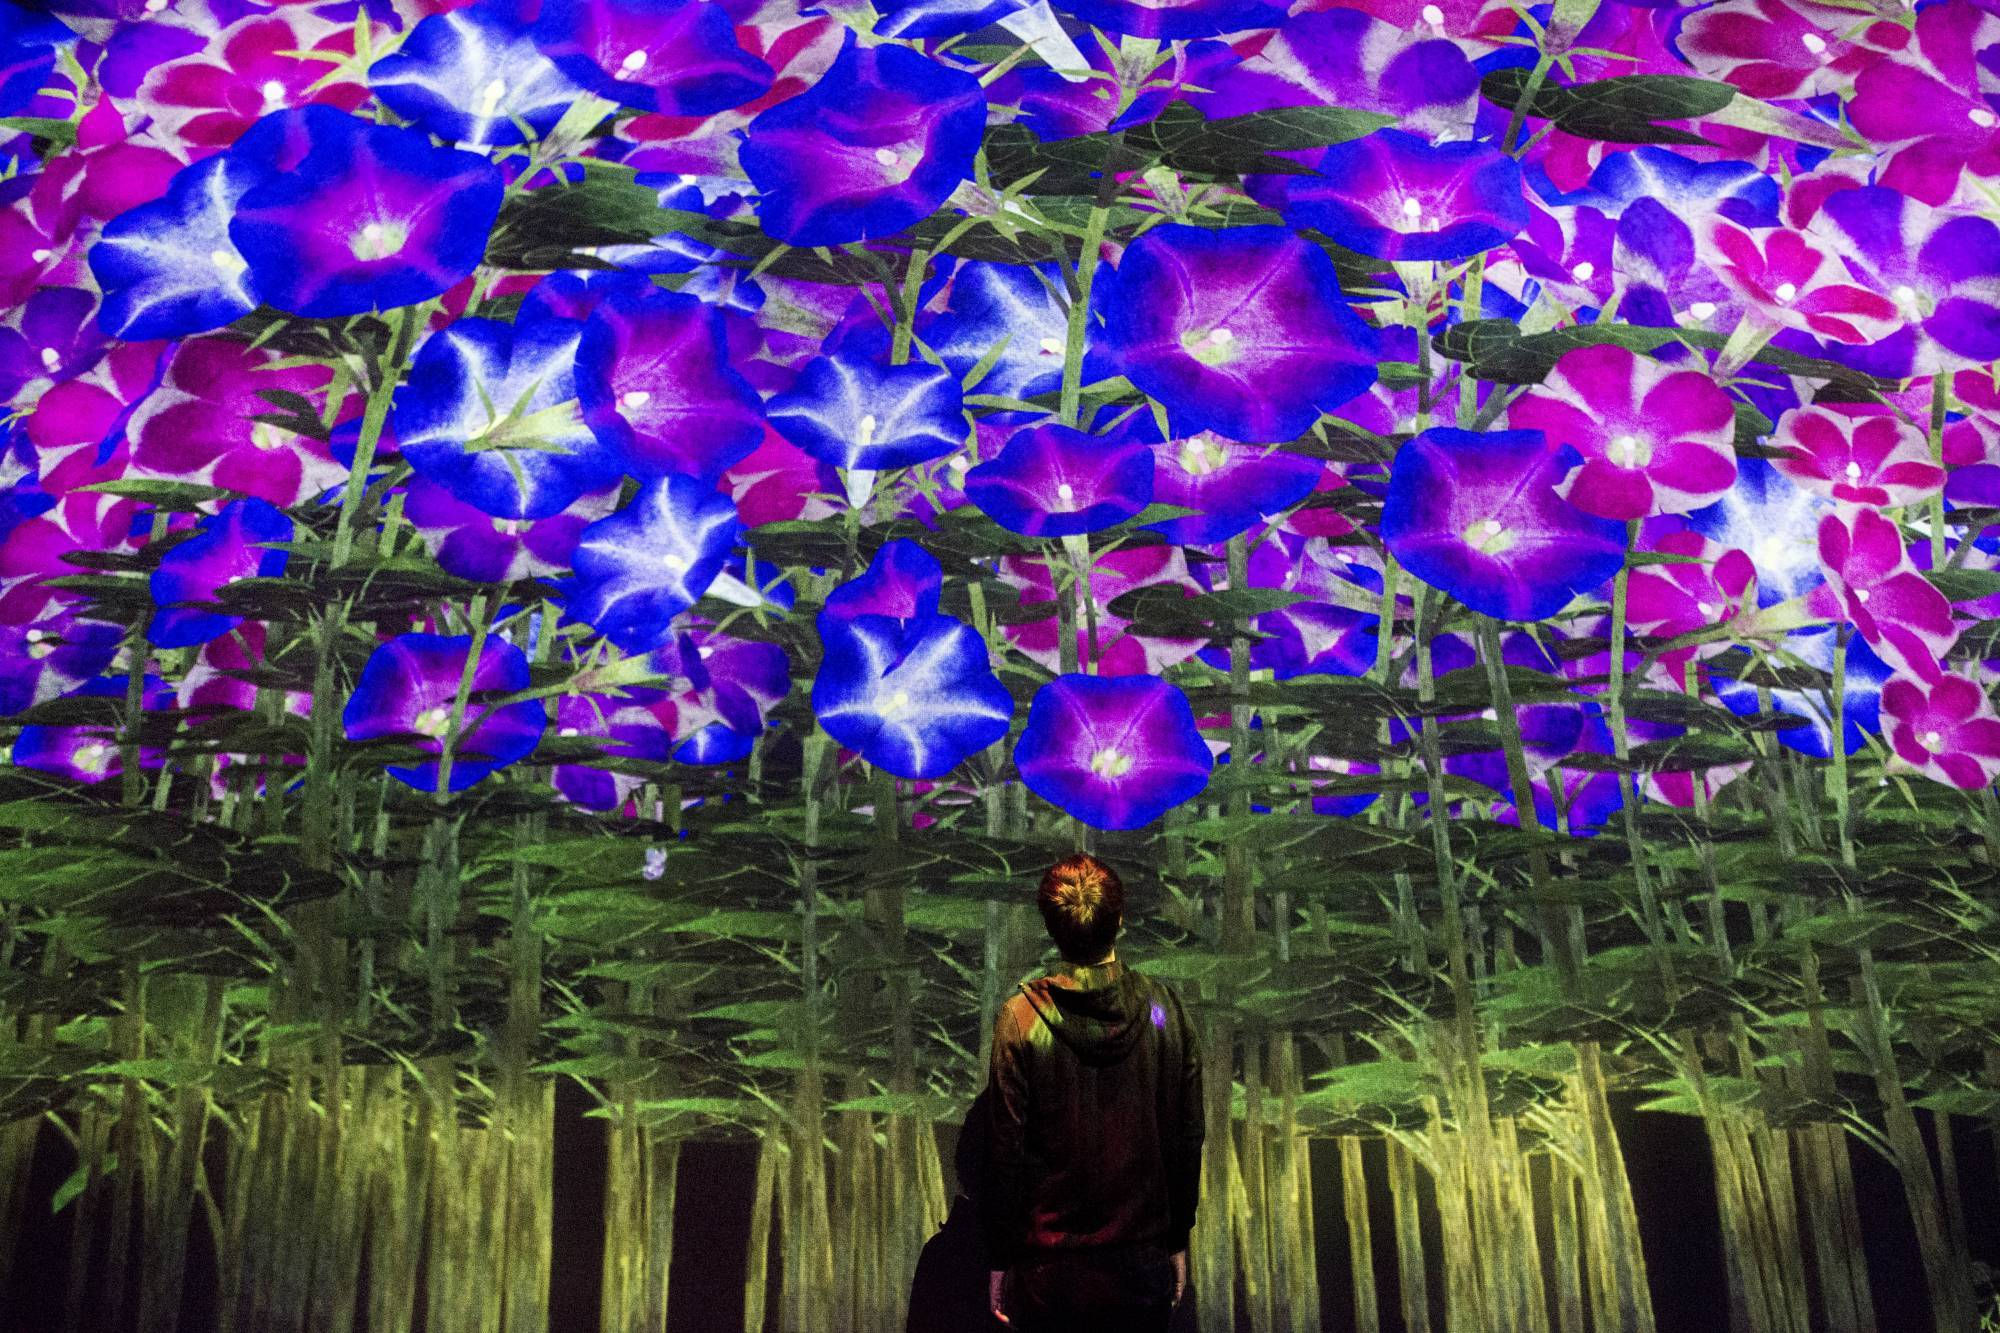 Токио Другая реальность: первый в мире Музей цифровых искусств в Токио 14911